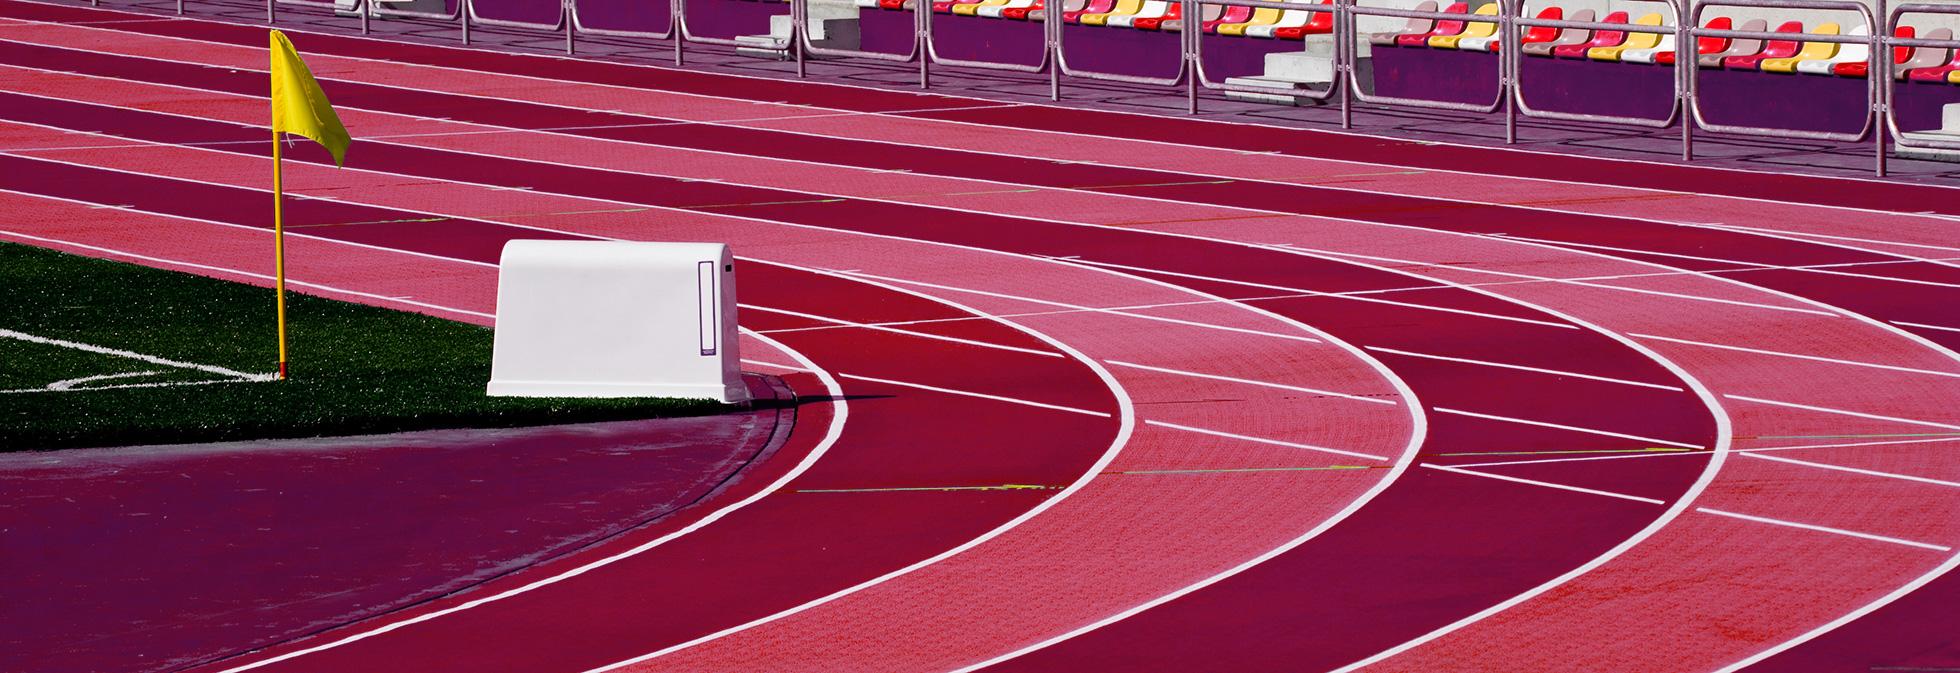 gradas-campo-de-atletismo